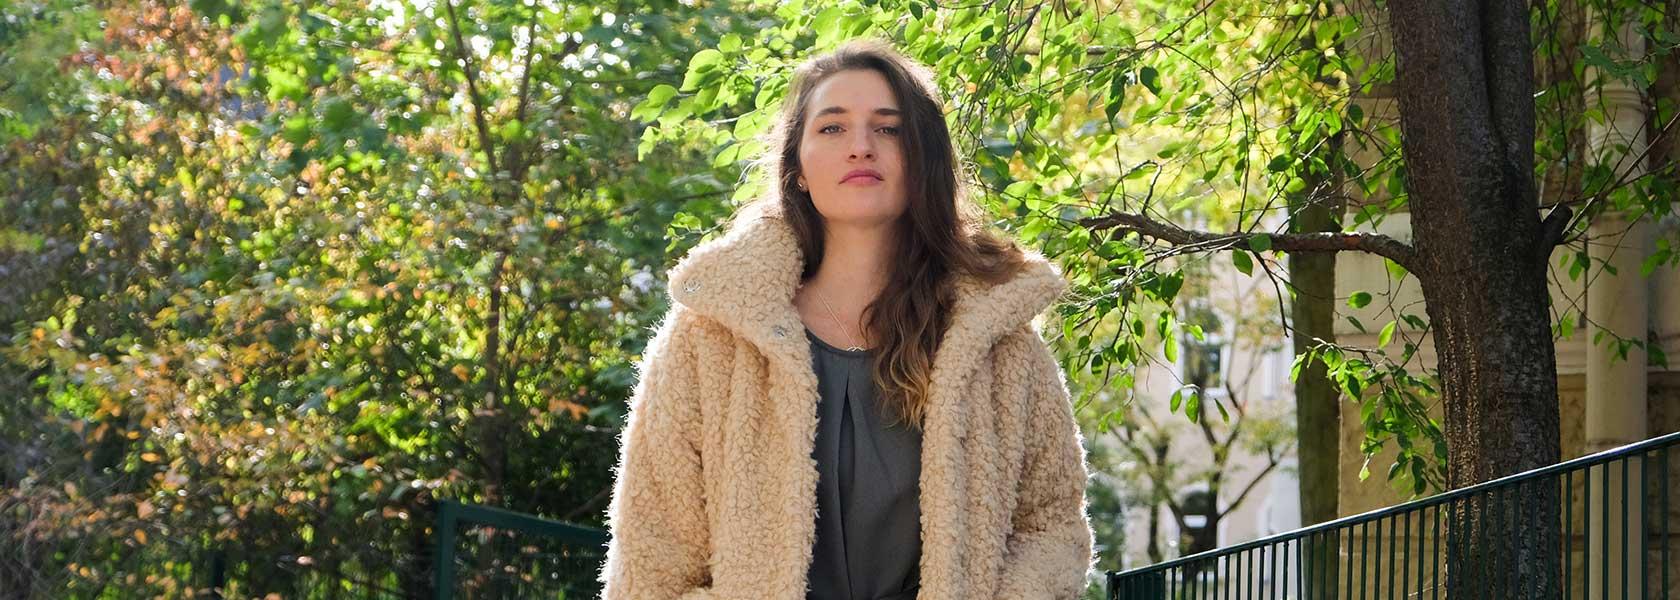 Frau in weißer Winterjacke steht im Park